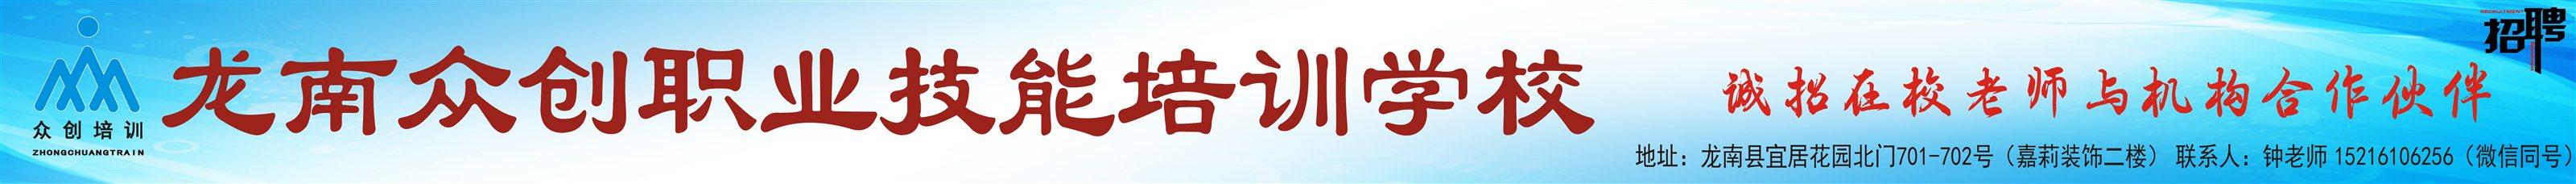 龍南眾創職業技術培訓學校